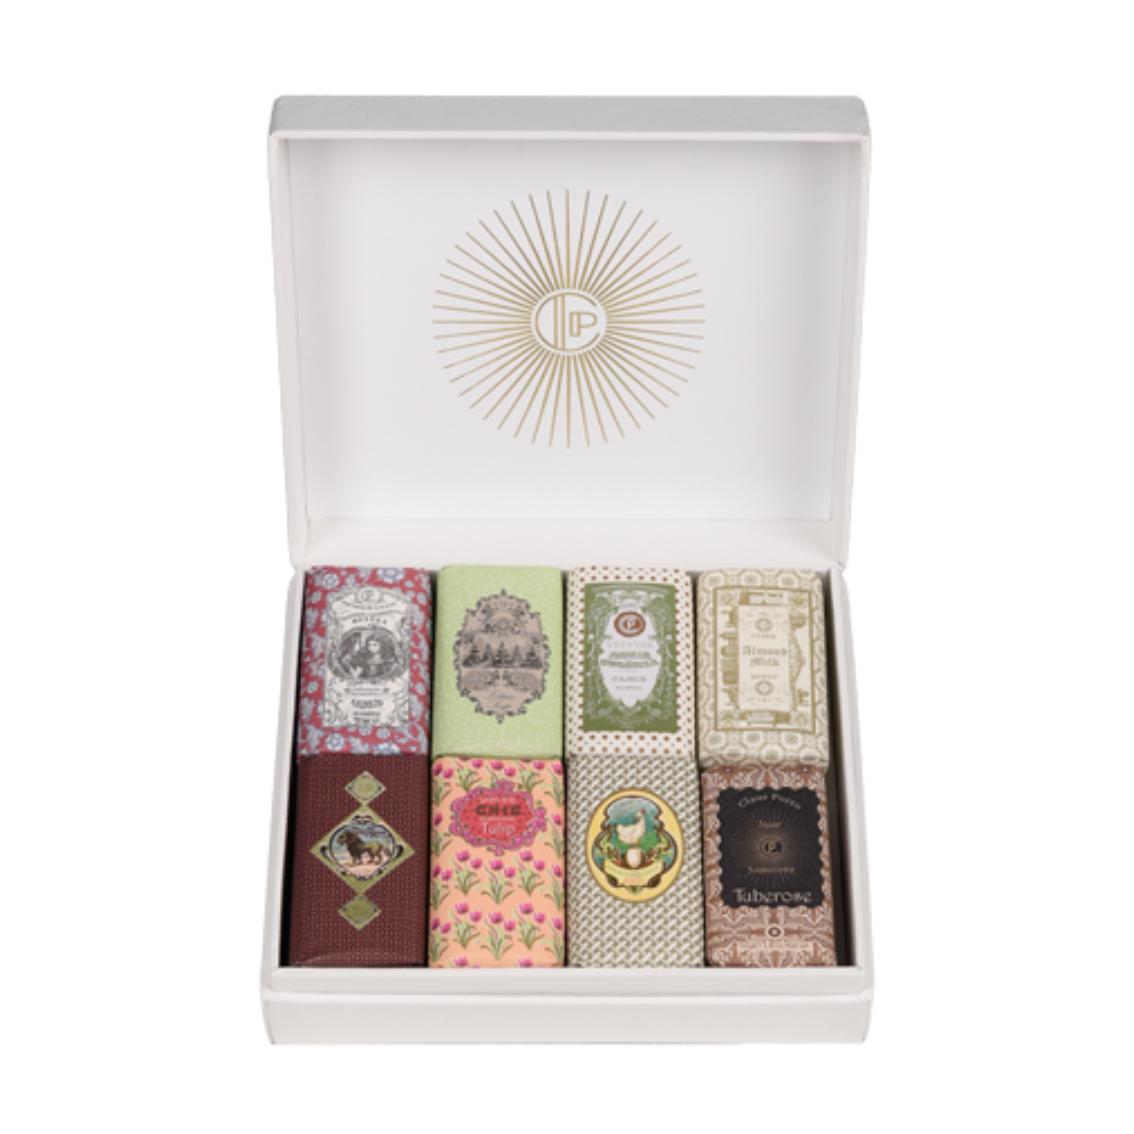 GIFT BOX CLASSICO MINI SOAPS